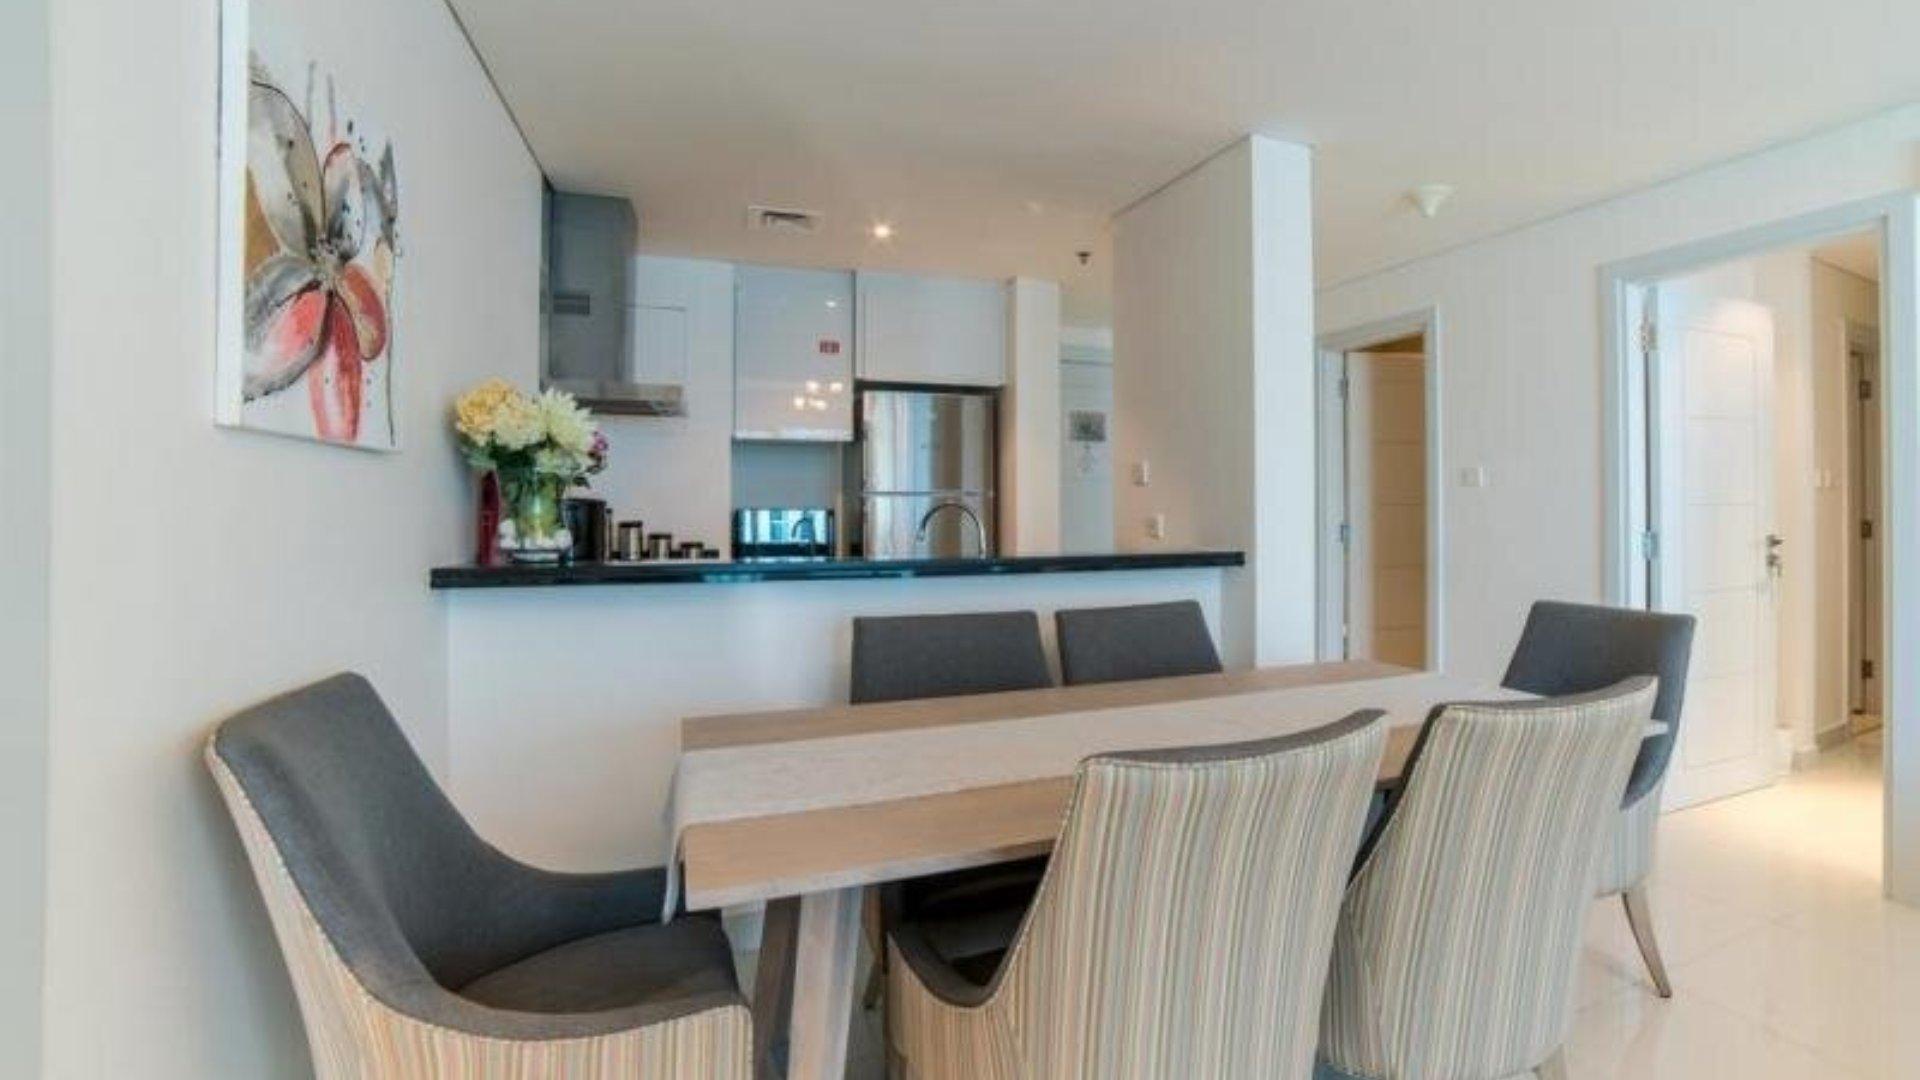 Apartment for sale in Dubai, UAE, 1 bedroom, 86 m2, No. 24242 – photo 3